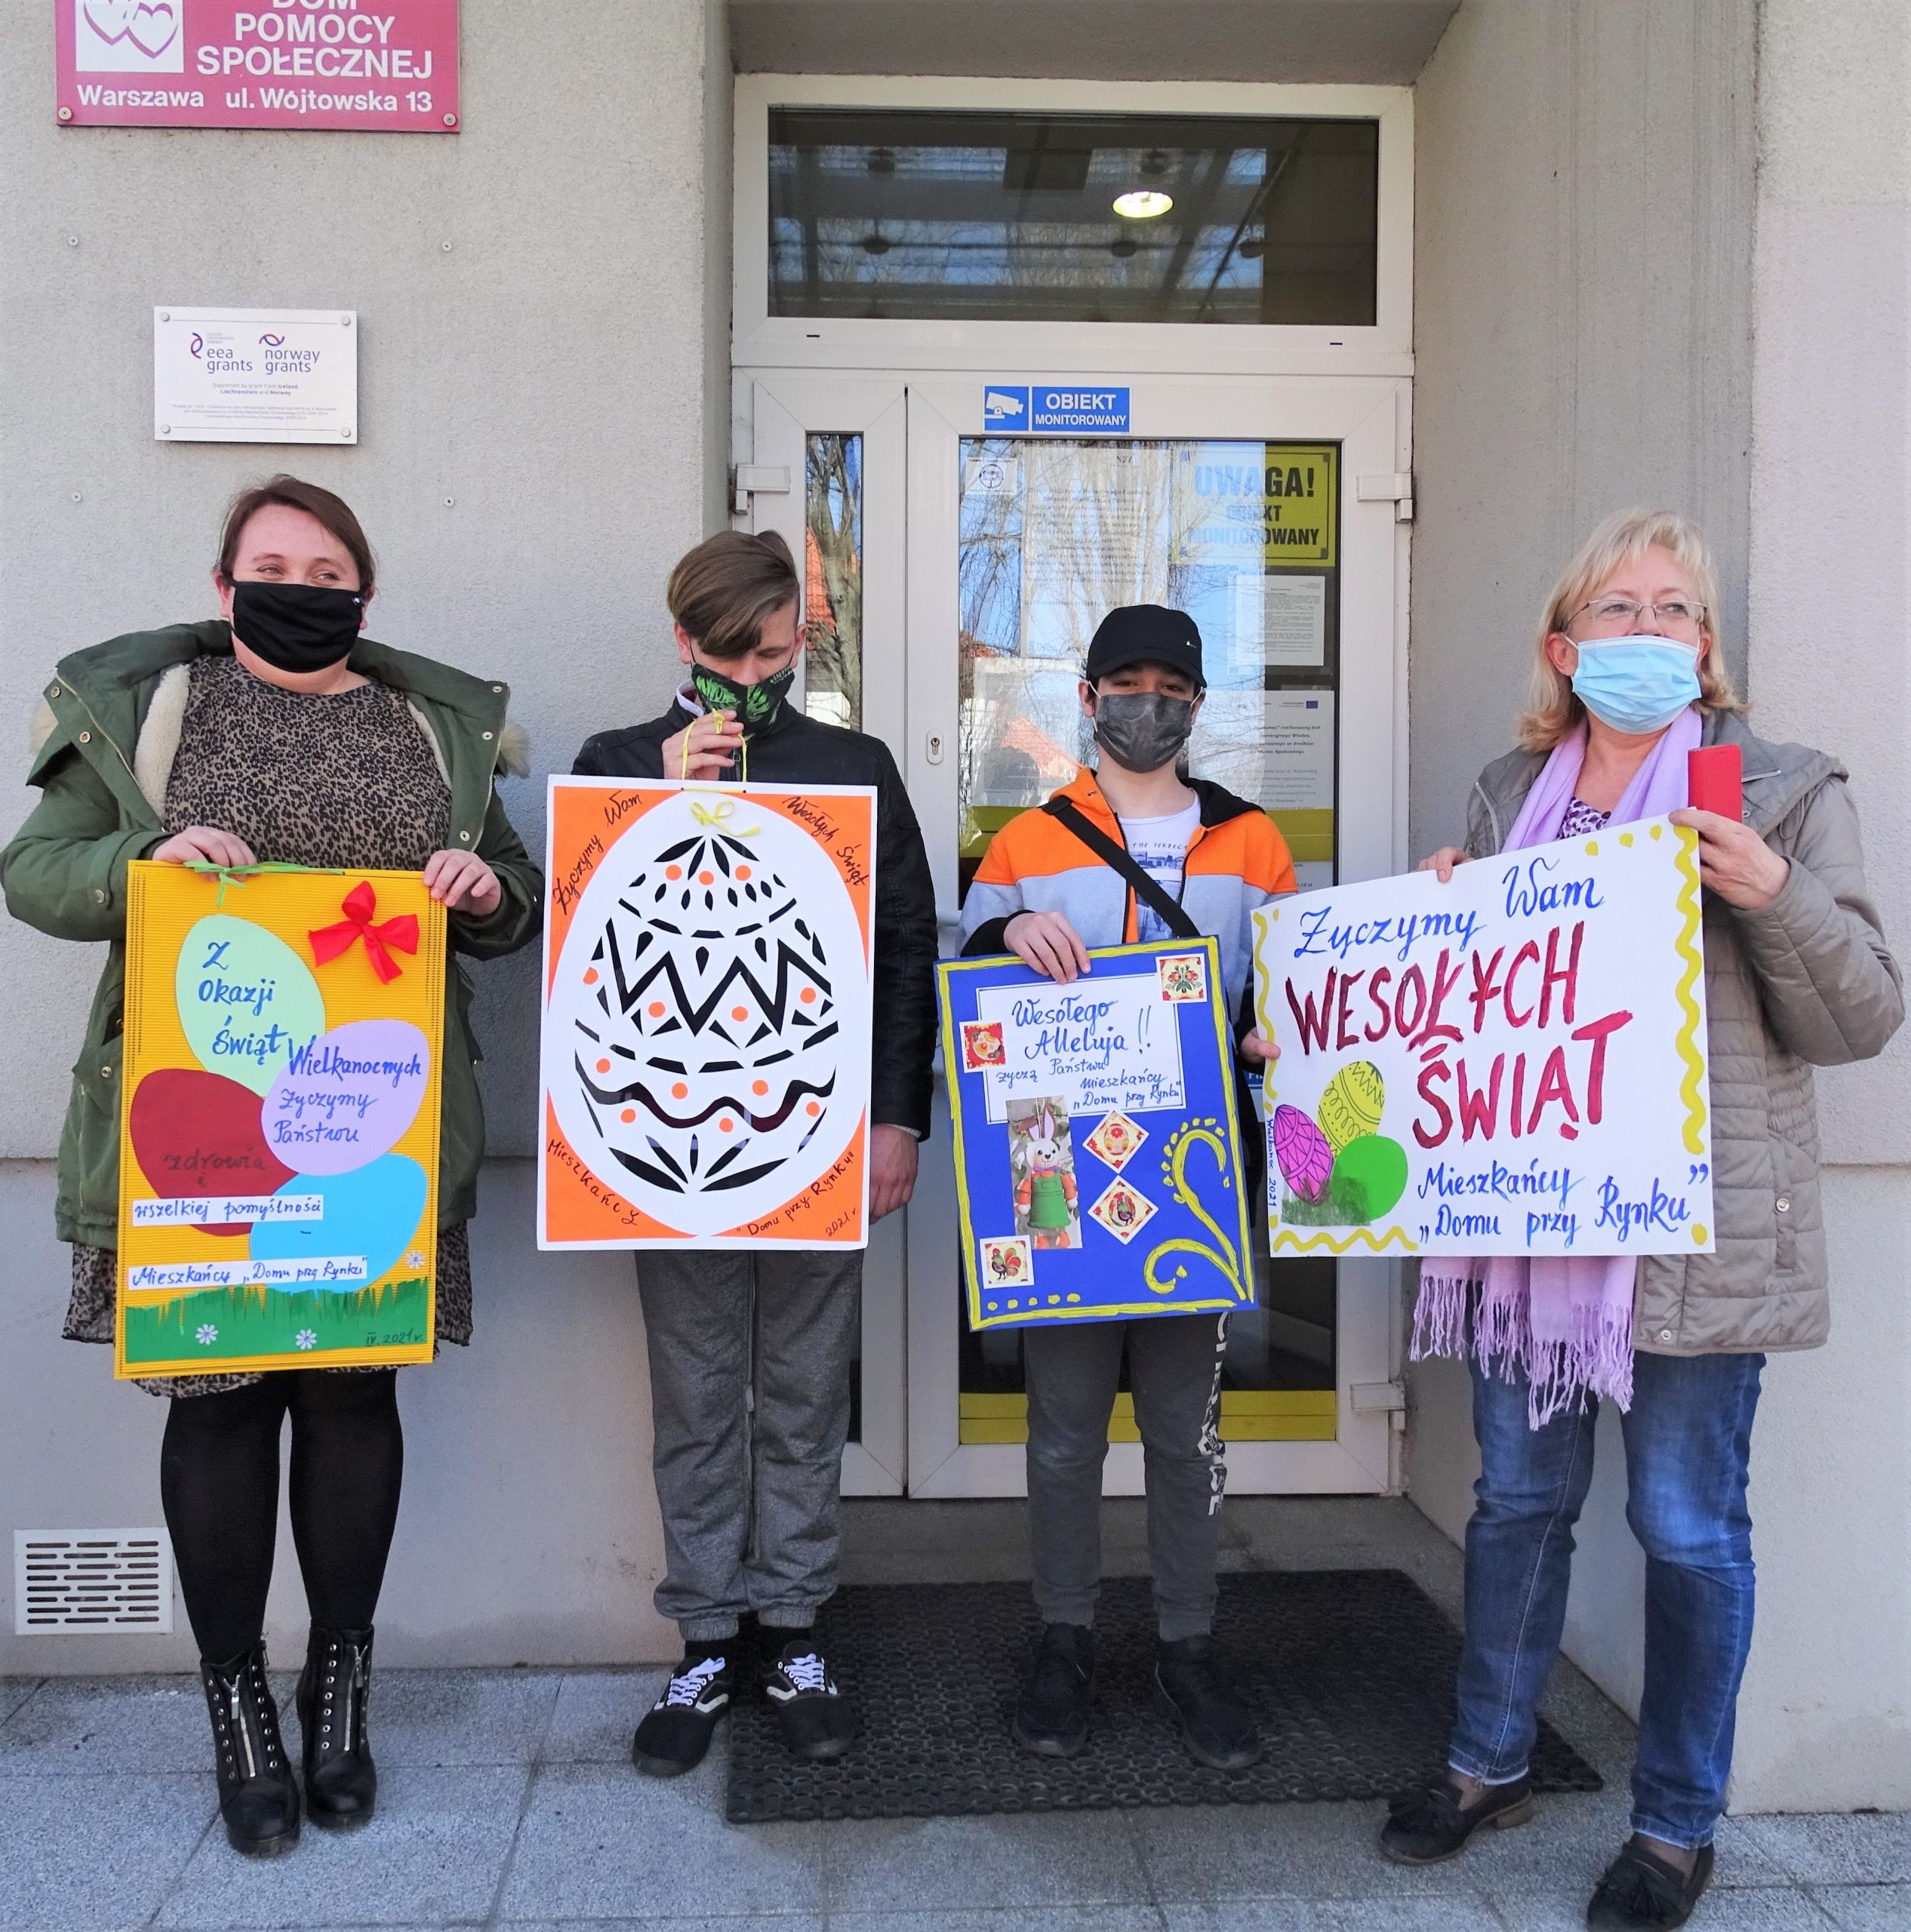 Dwie kobiety i dwoch wychowanków SOW pozujących przed wejściem do budynku trzymających plakaty wielkanocne